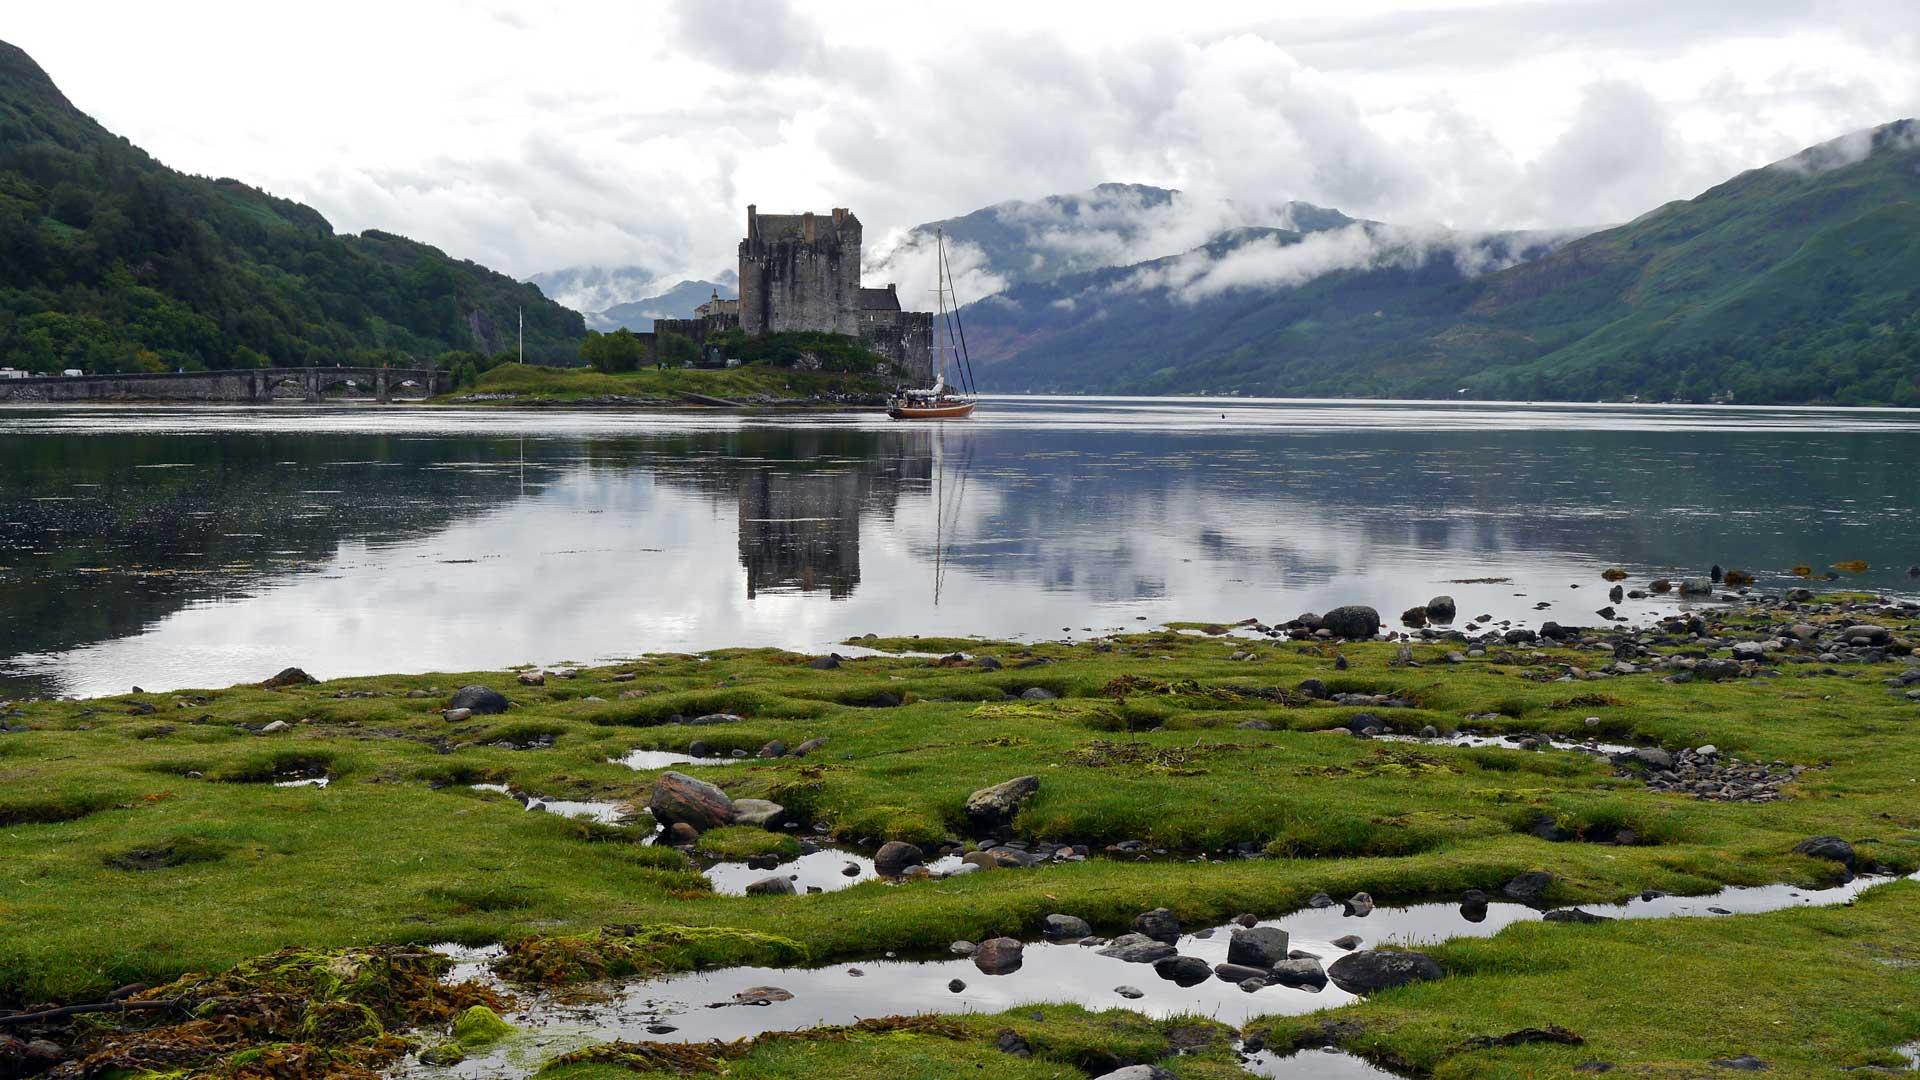 Das verwunschene Eilean Donan Castle kurz vor der Insel Skye. (Foto: Sommerdiebe.de)